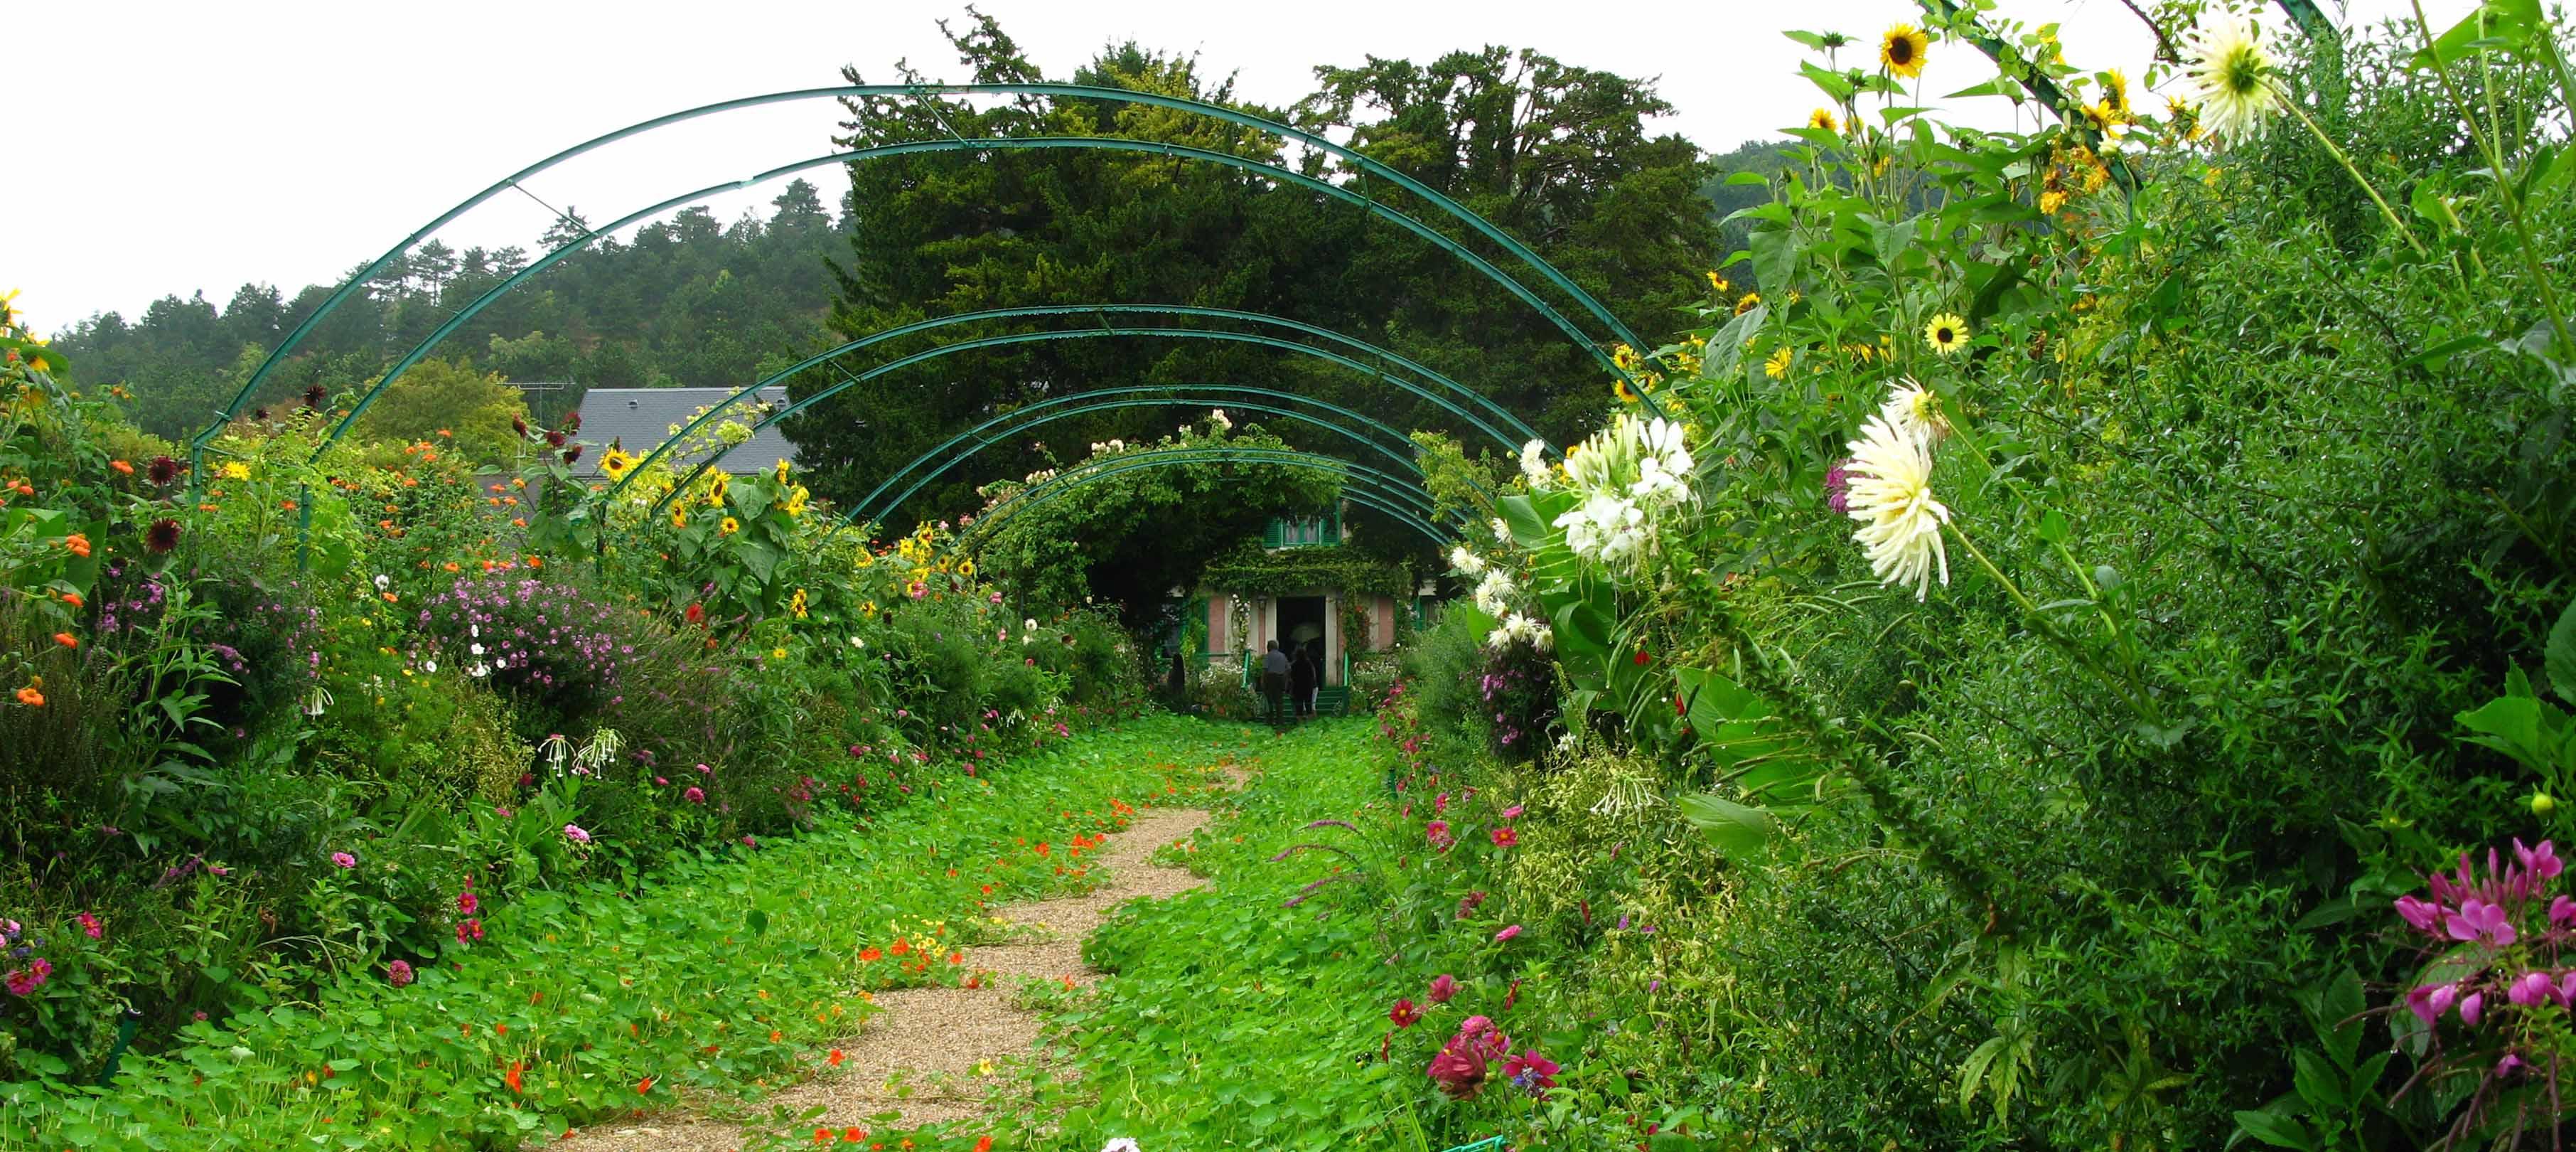 Garten (Giverny)